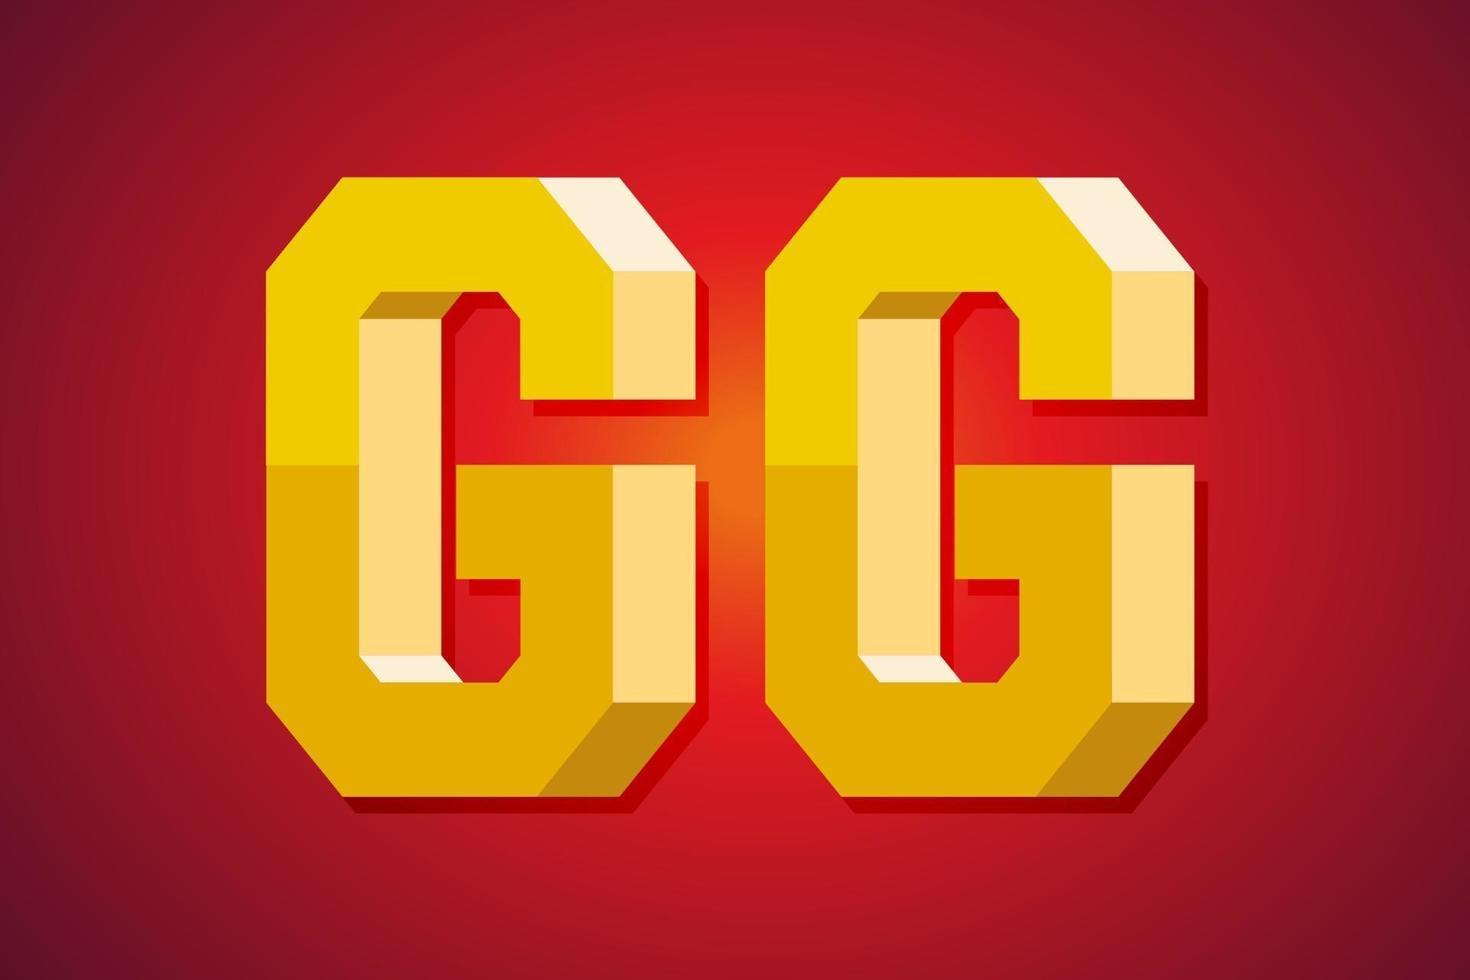 gg, goede gametoespraak. 3D-tekstontwerp. vector illustratie